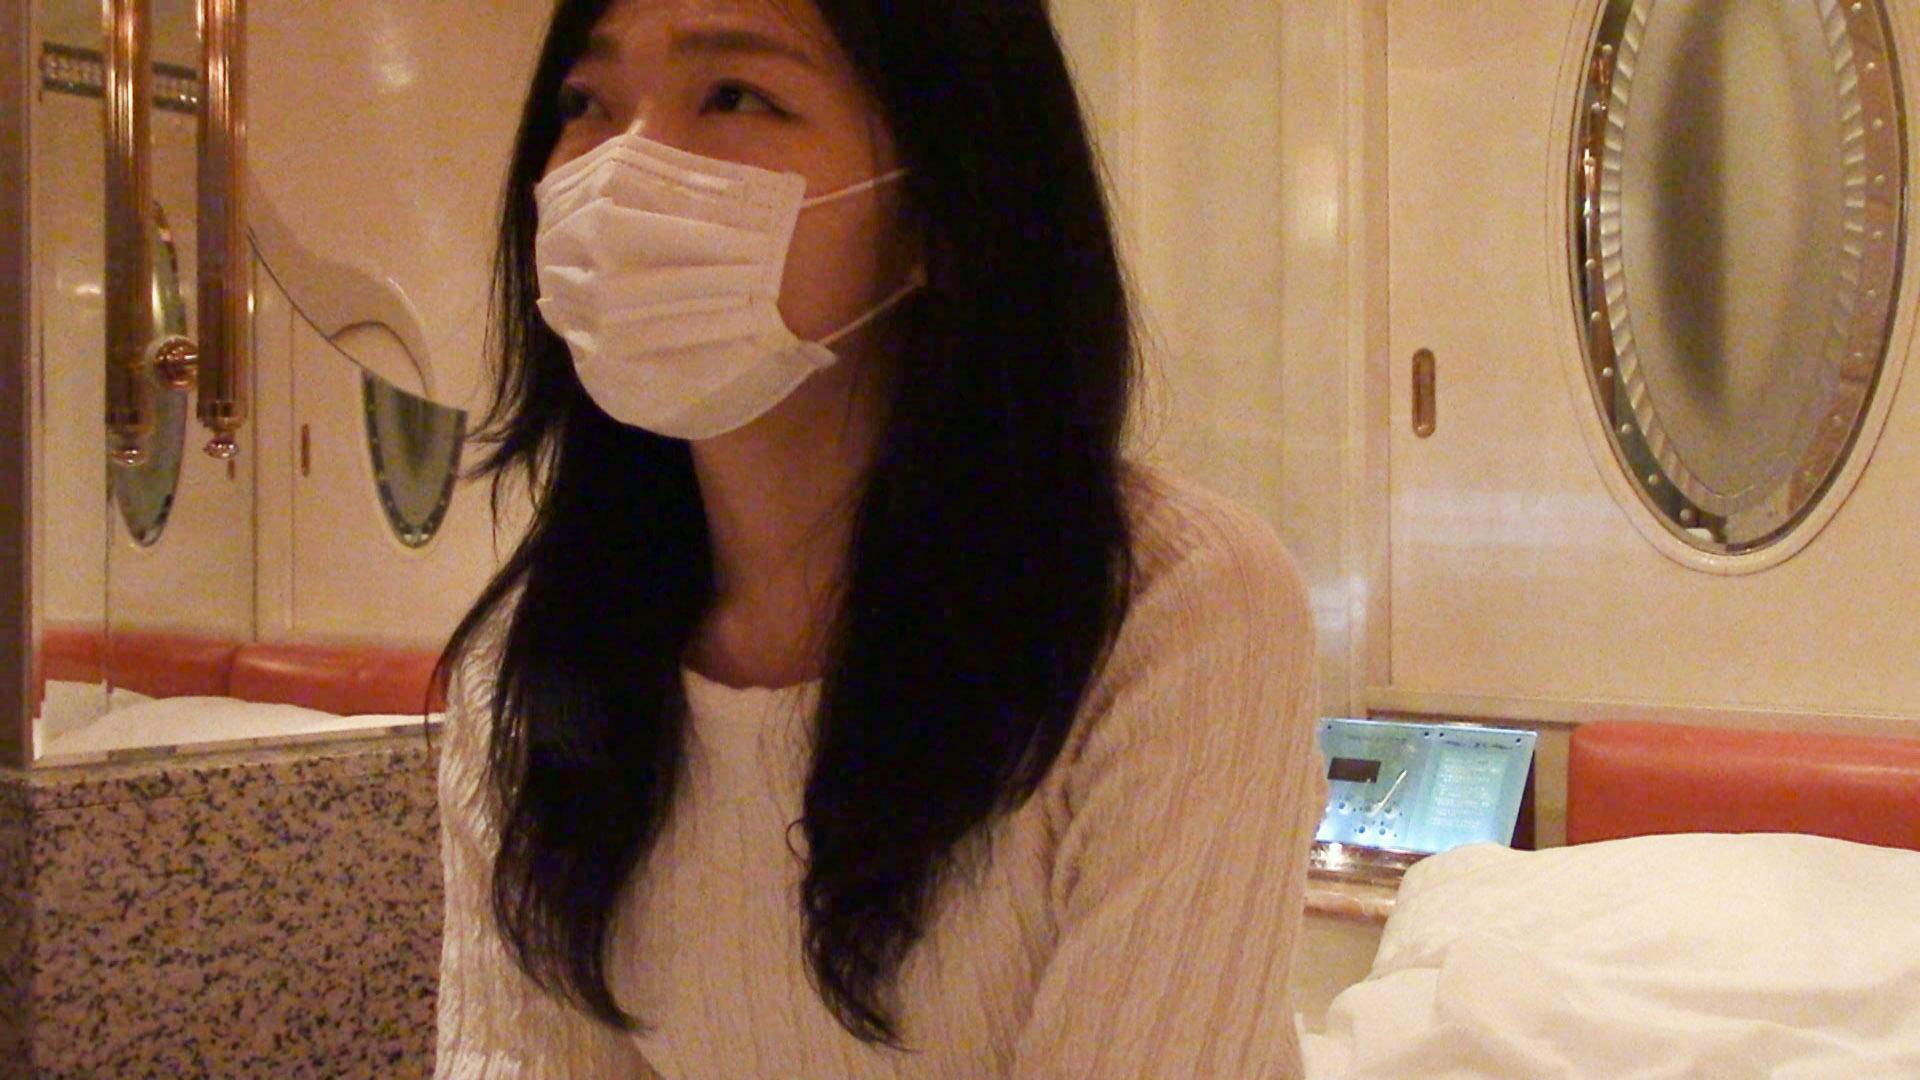 【個人撮影】恥ずかしがりやな美人JD21歳の下着撮影